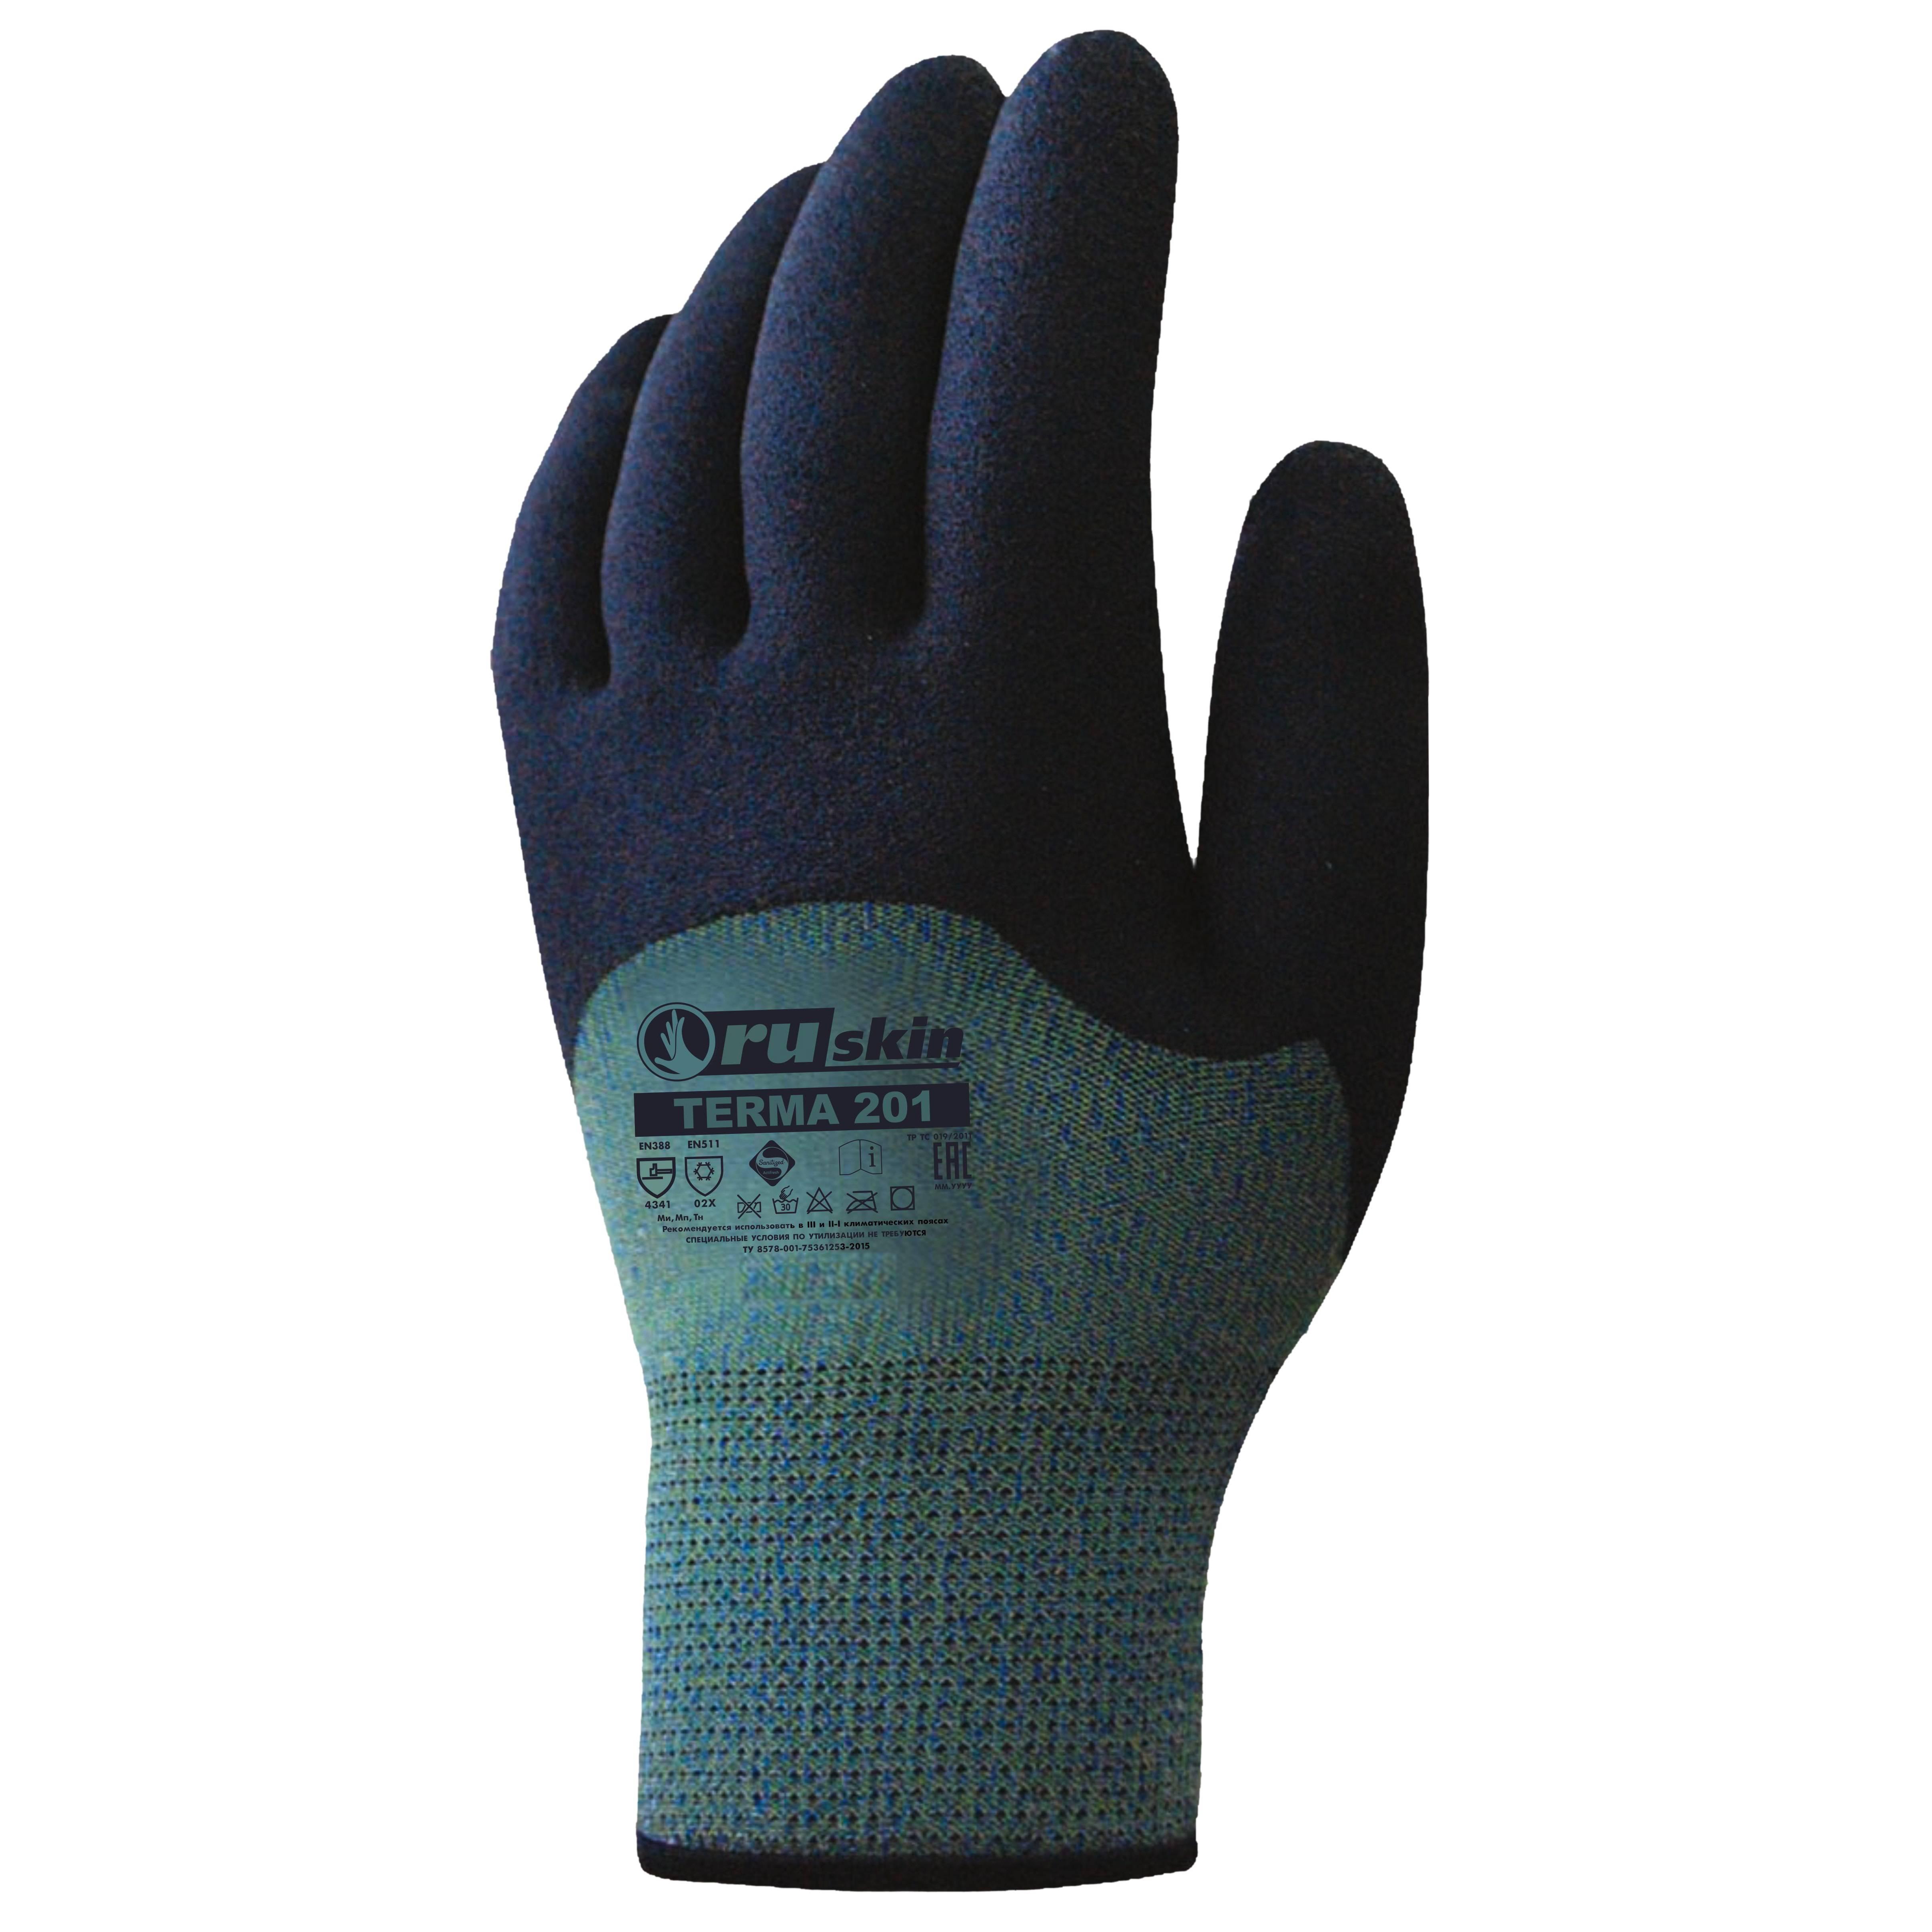 Перчатки термостойкие Ruskin Terma 201